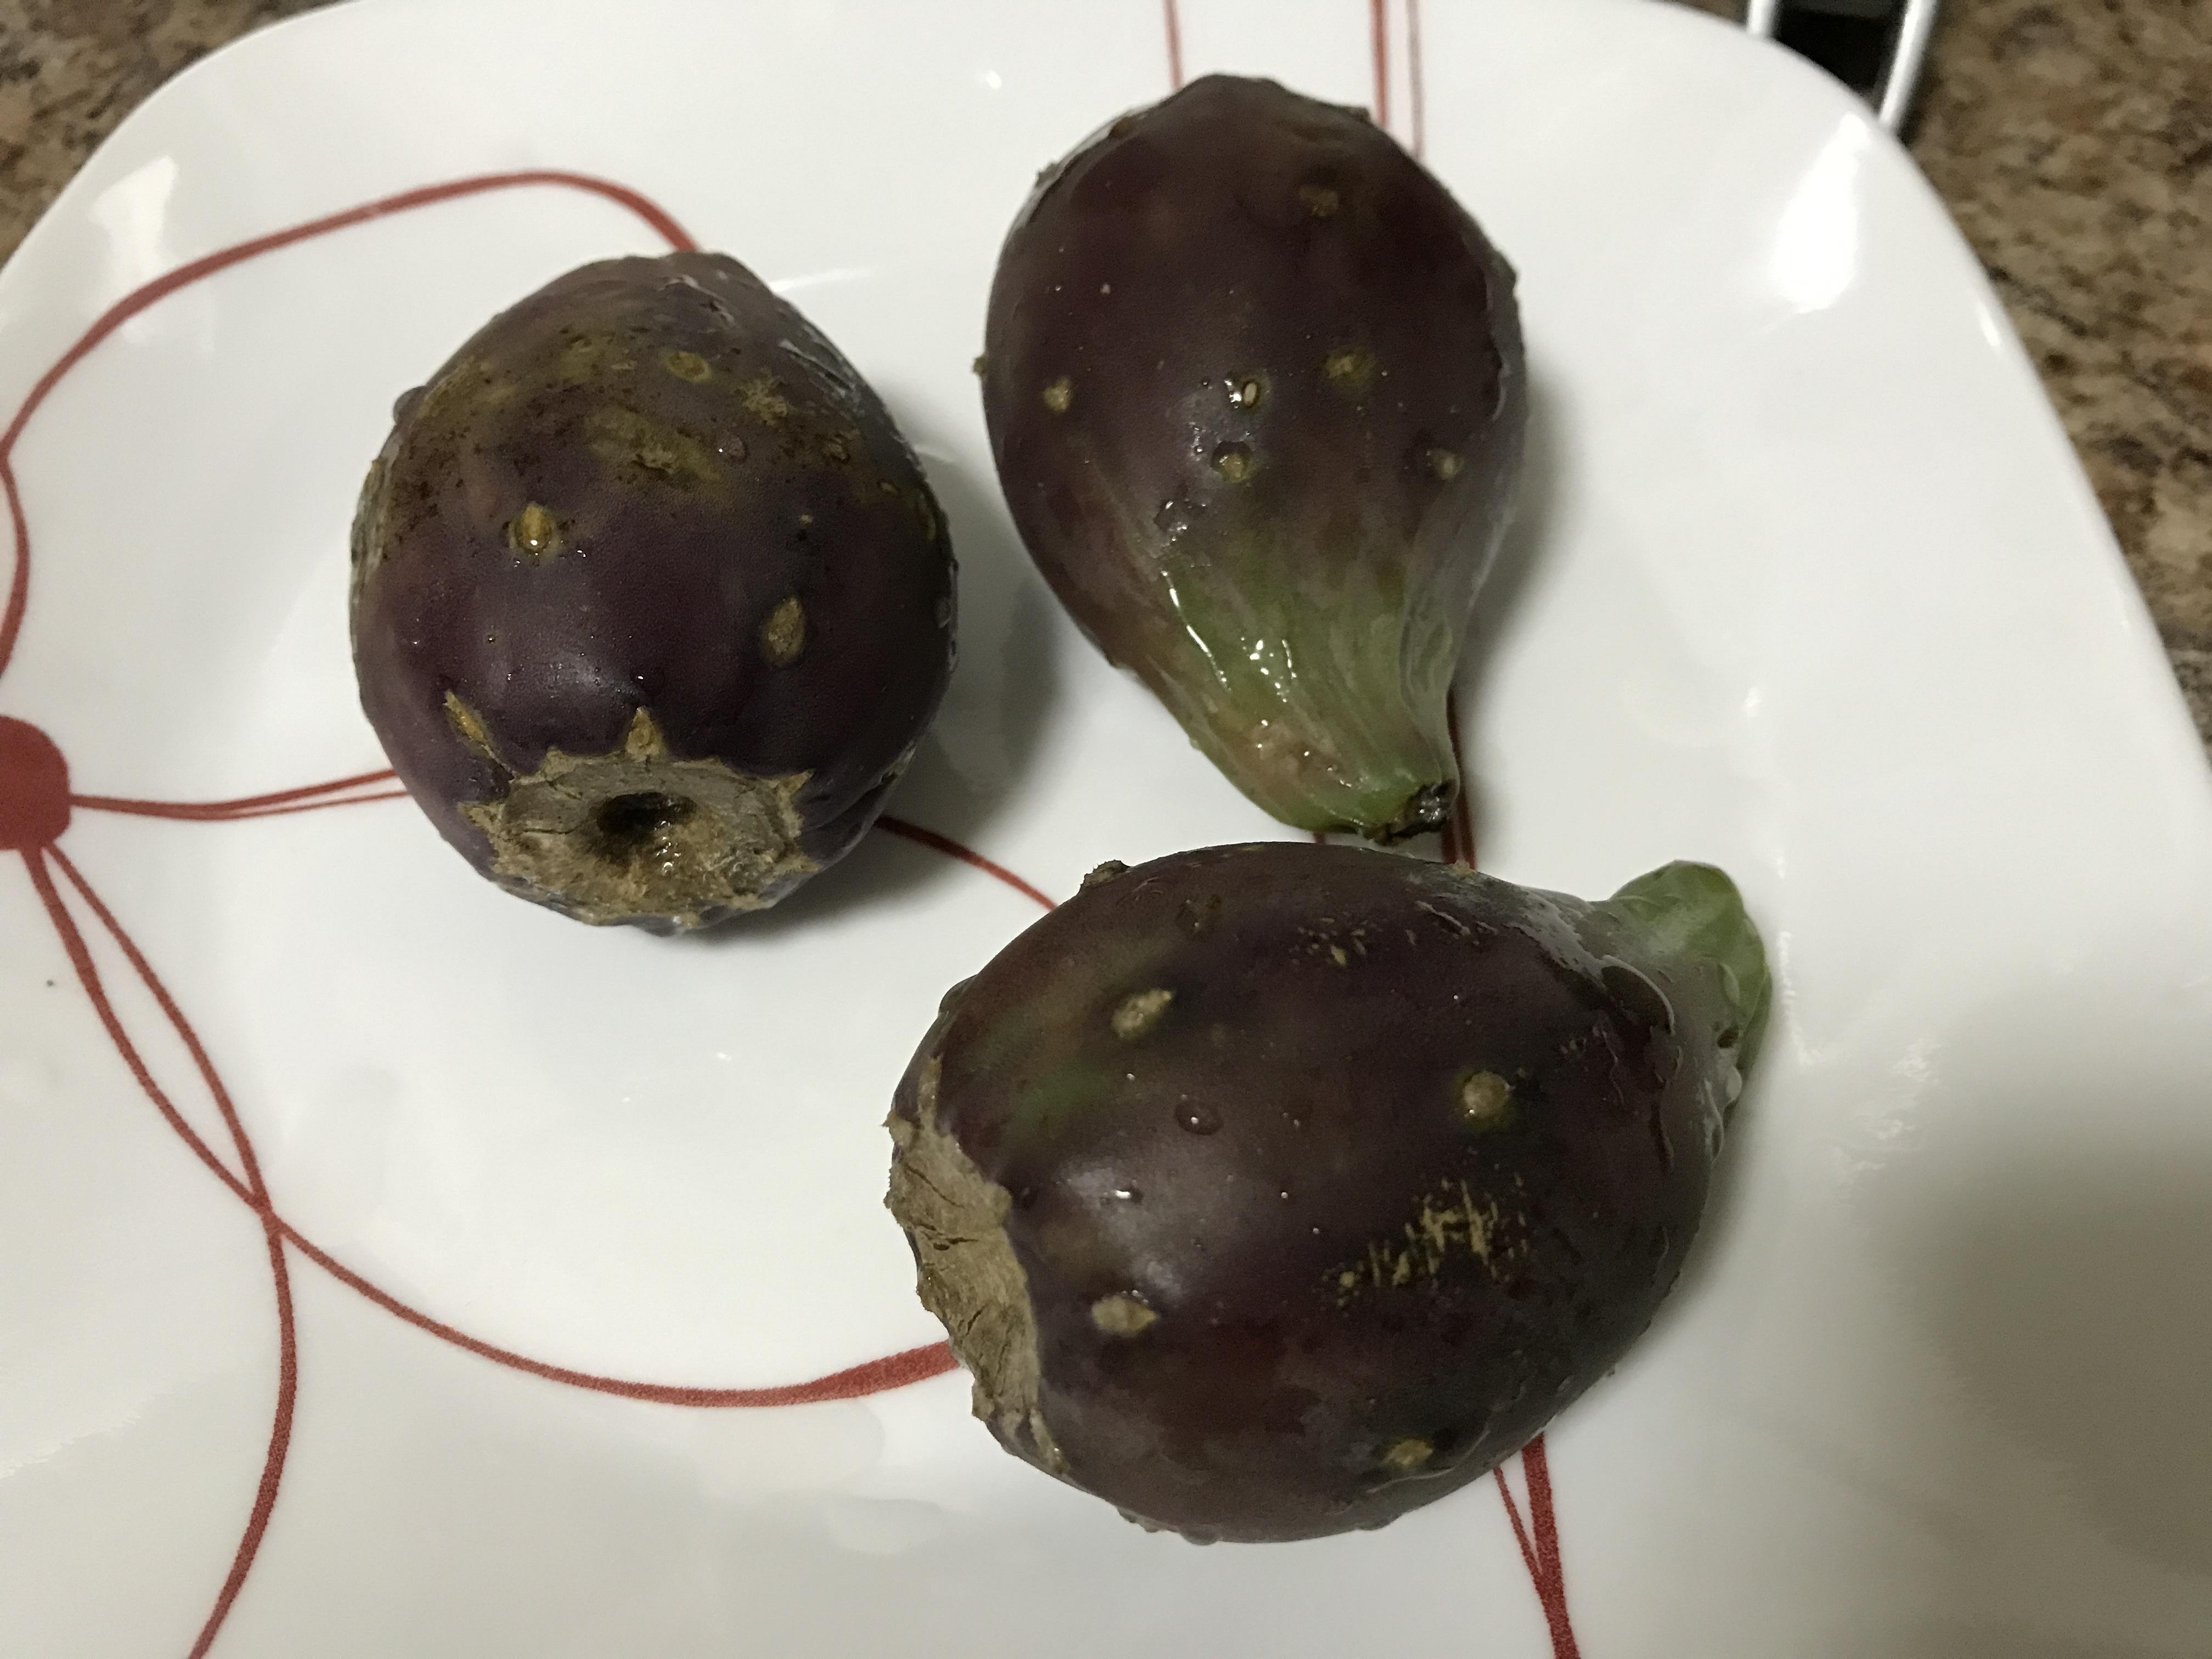 Prickly Pear ผลไม้สีเลือด